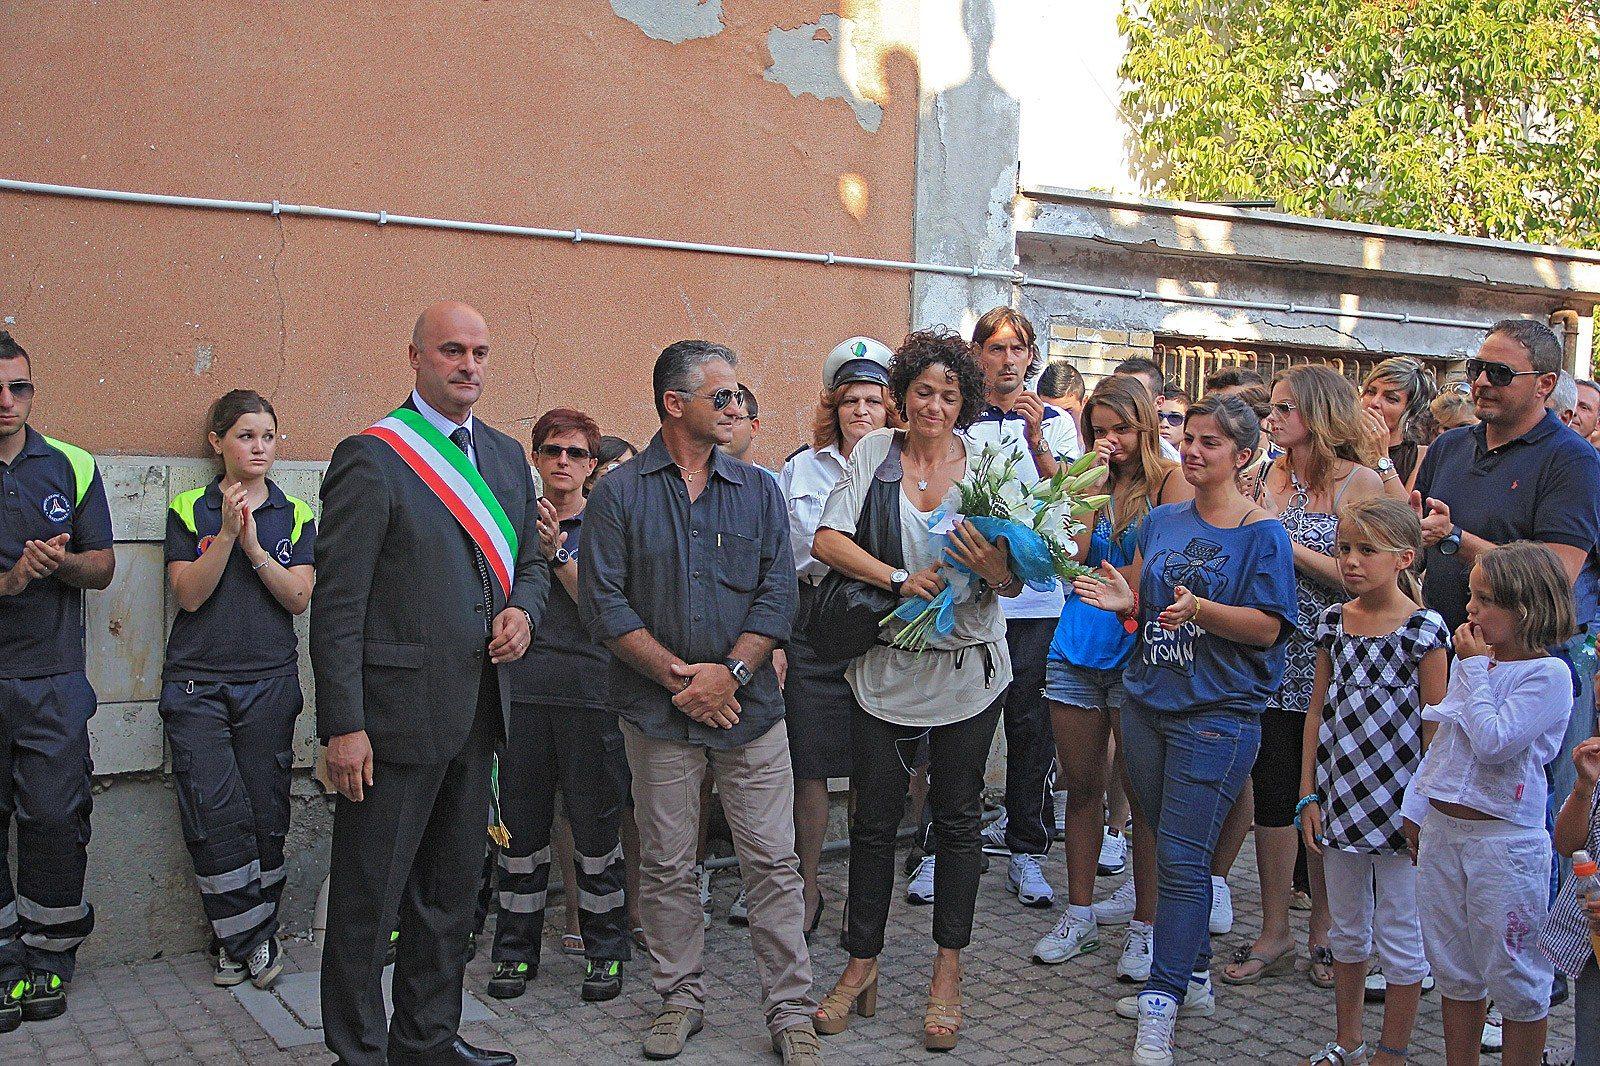 Intitolazione a Mirko Ferzini della Lazio di una palestra a Sante Marie (3)